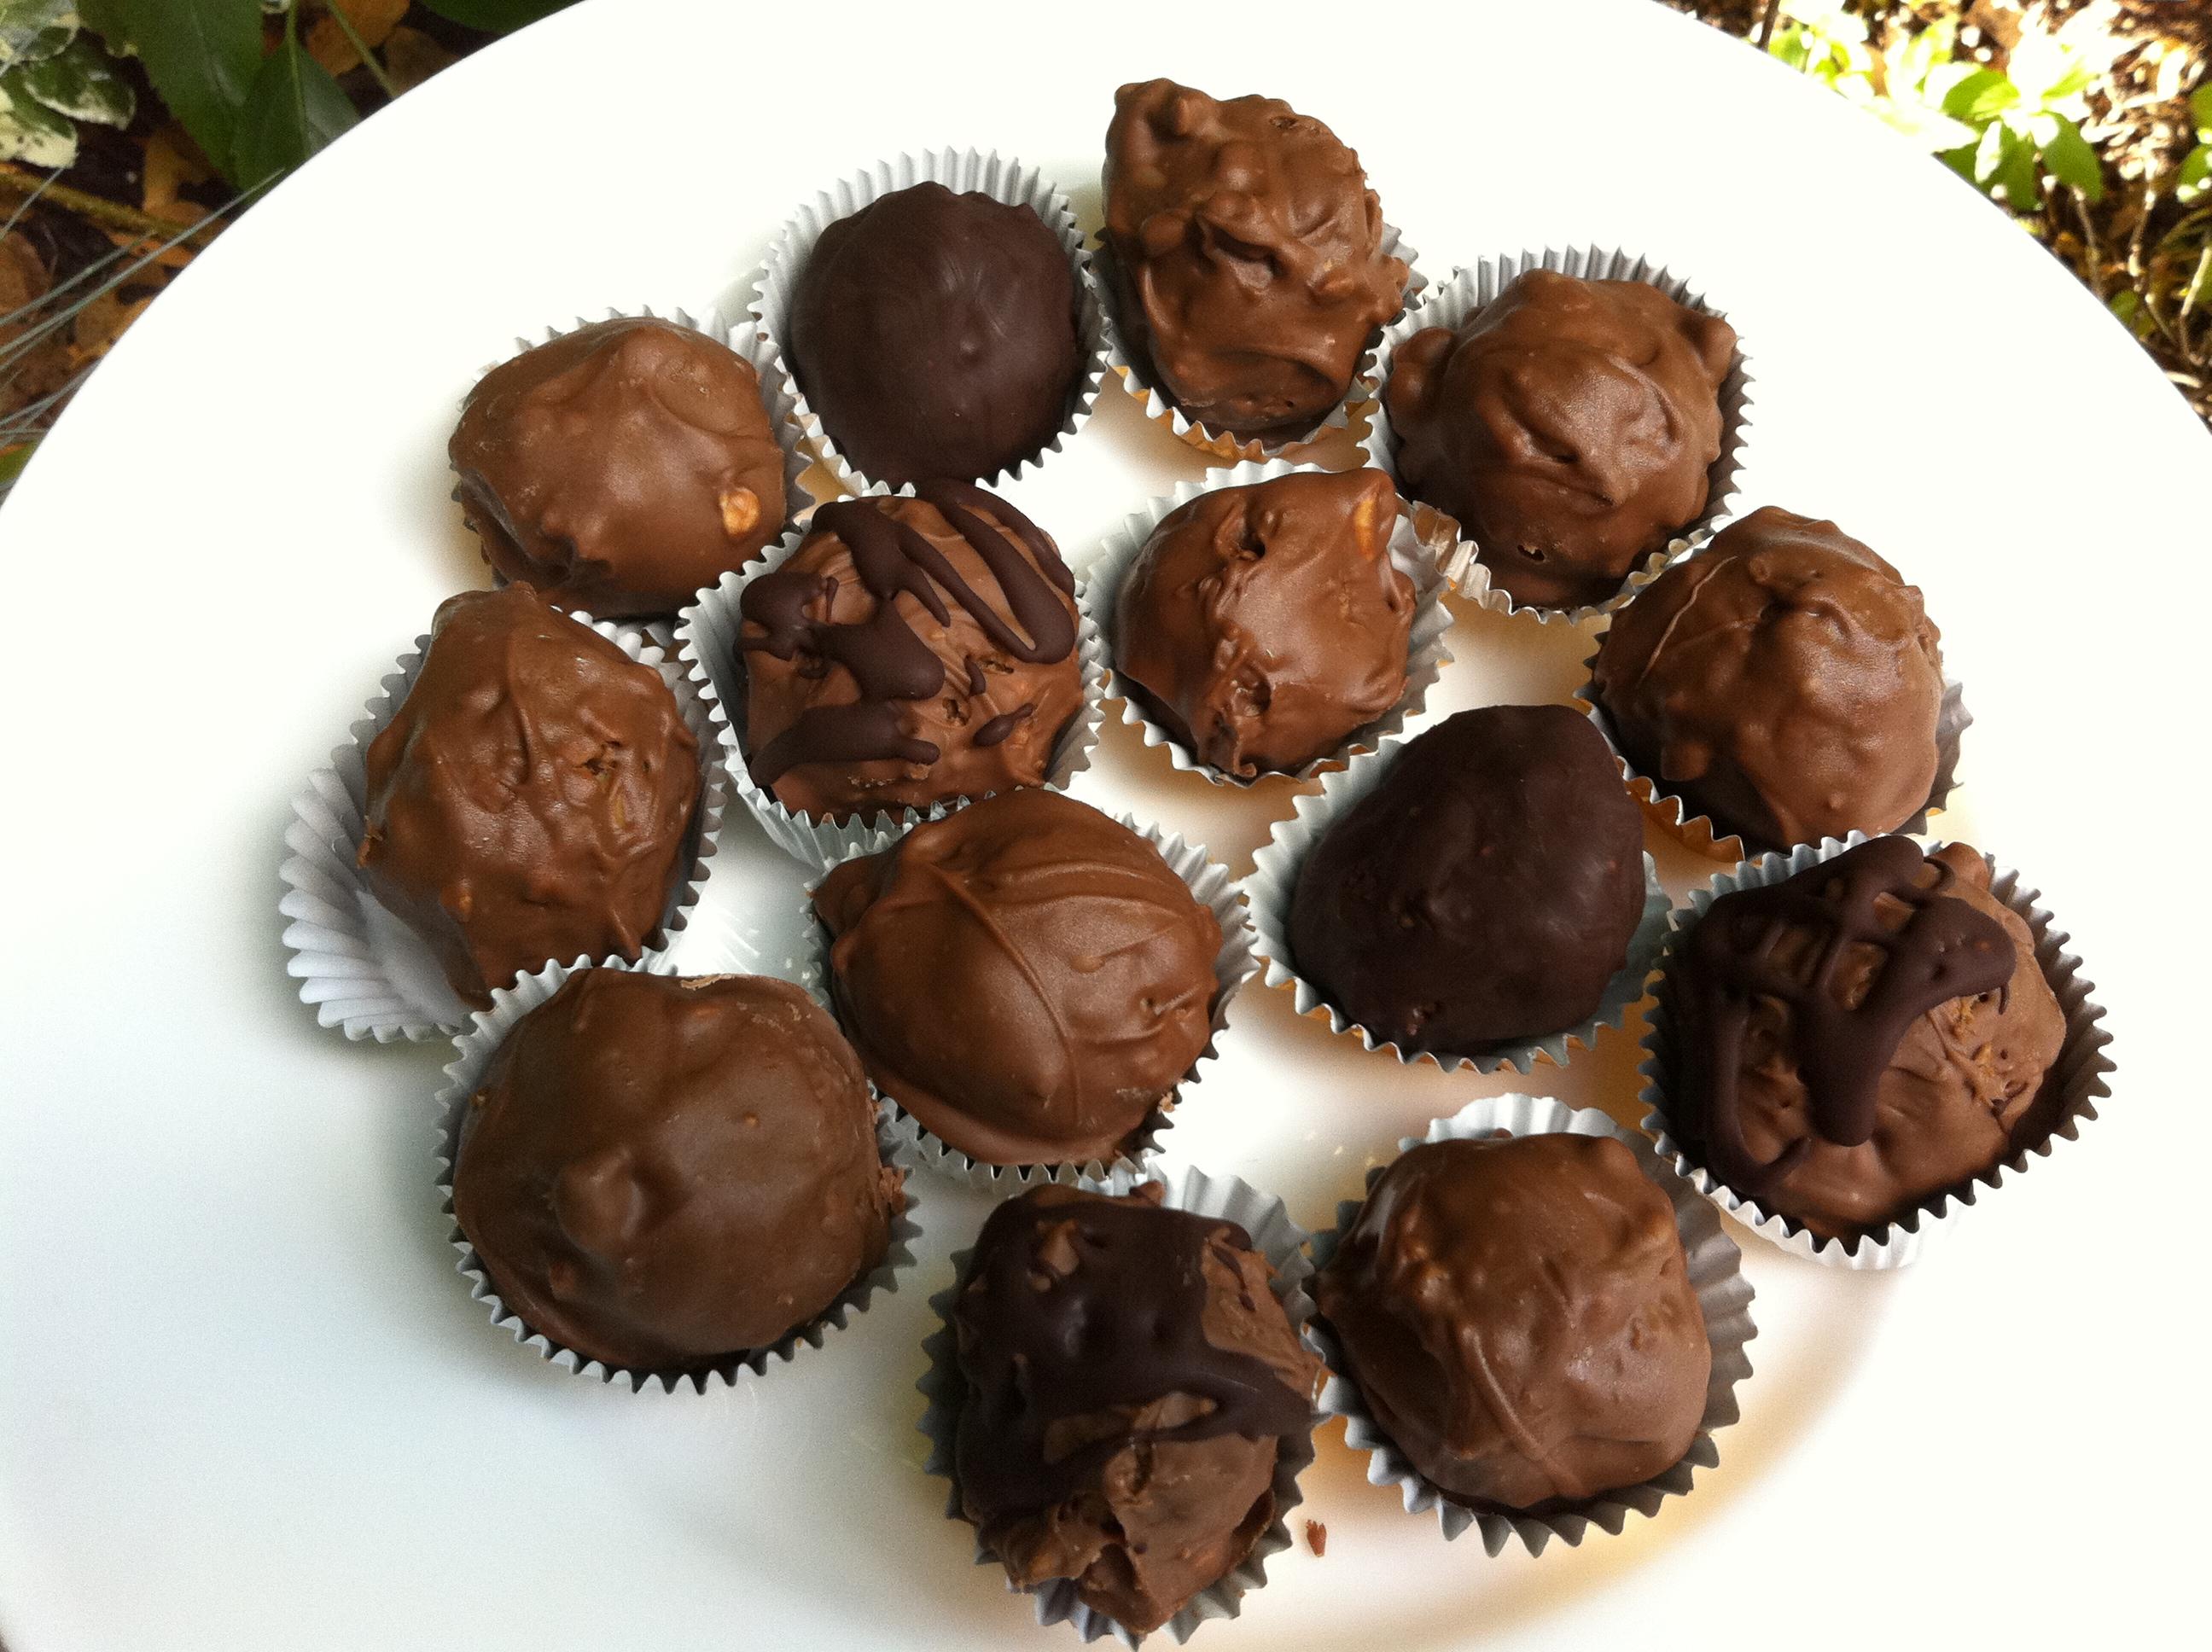 Homemade Ferrero Rocher - thelittleloaf